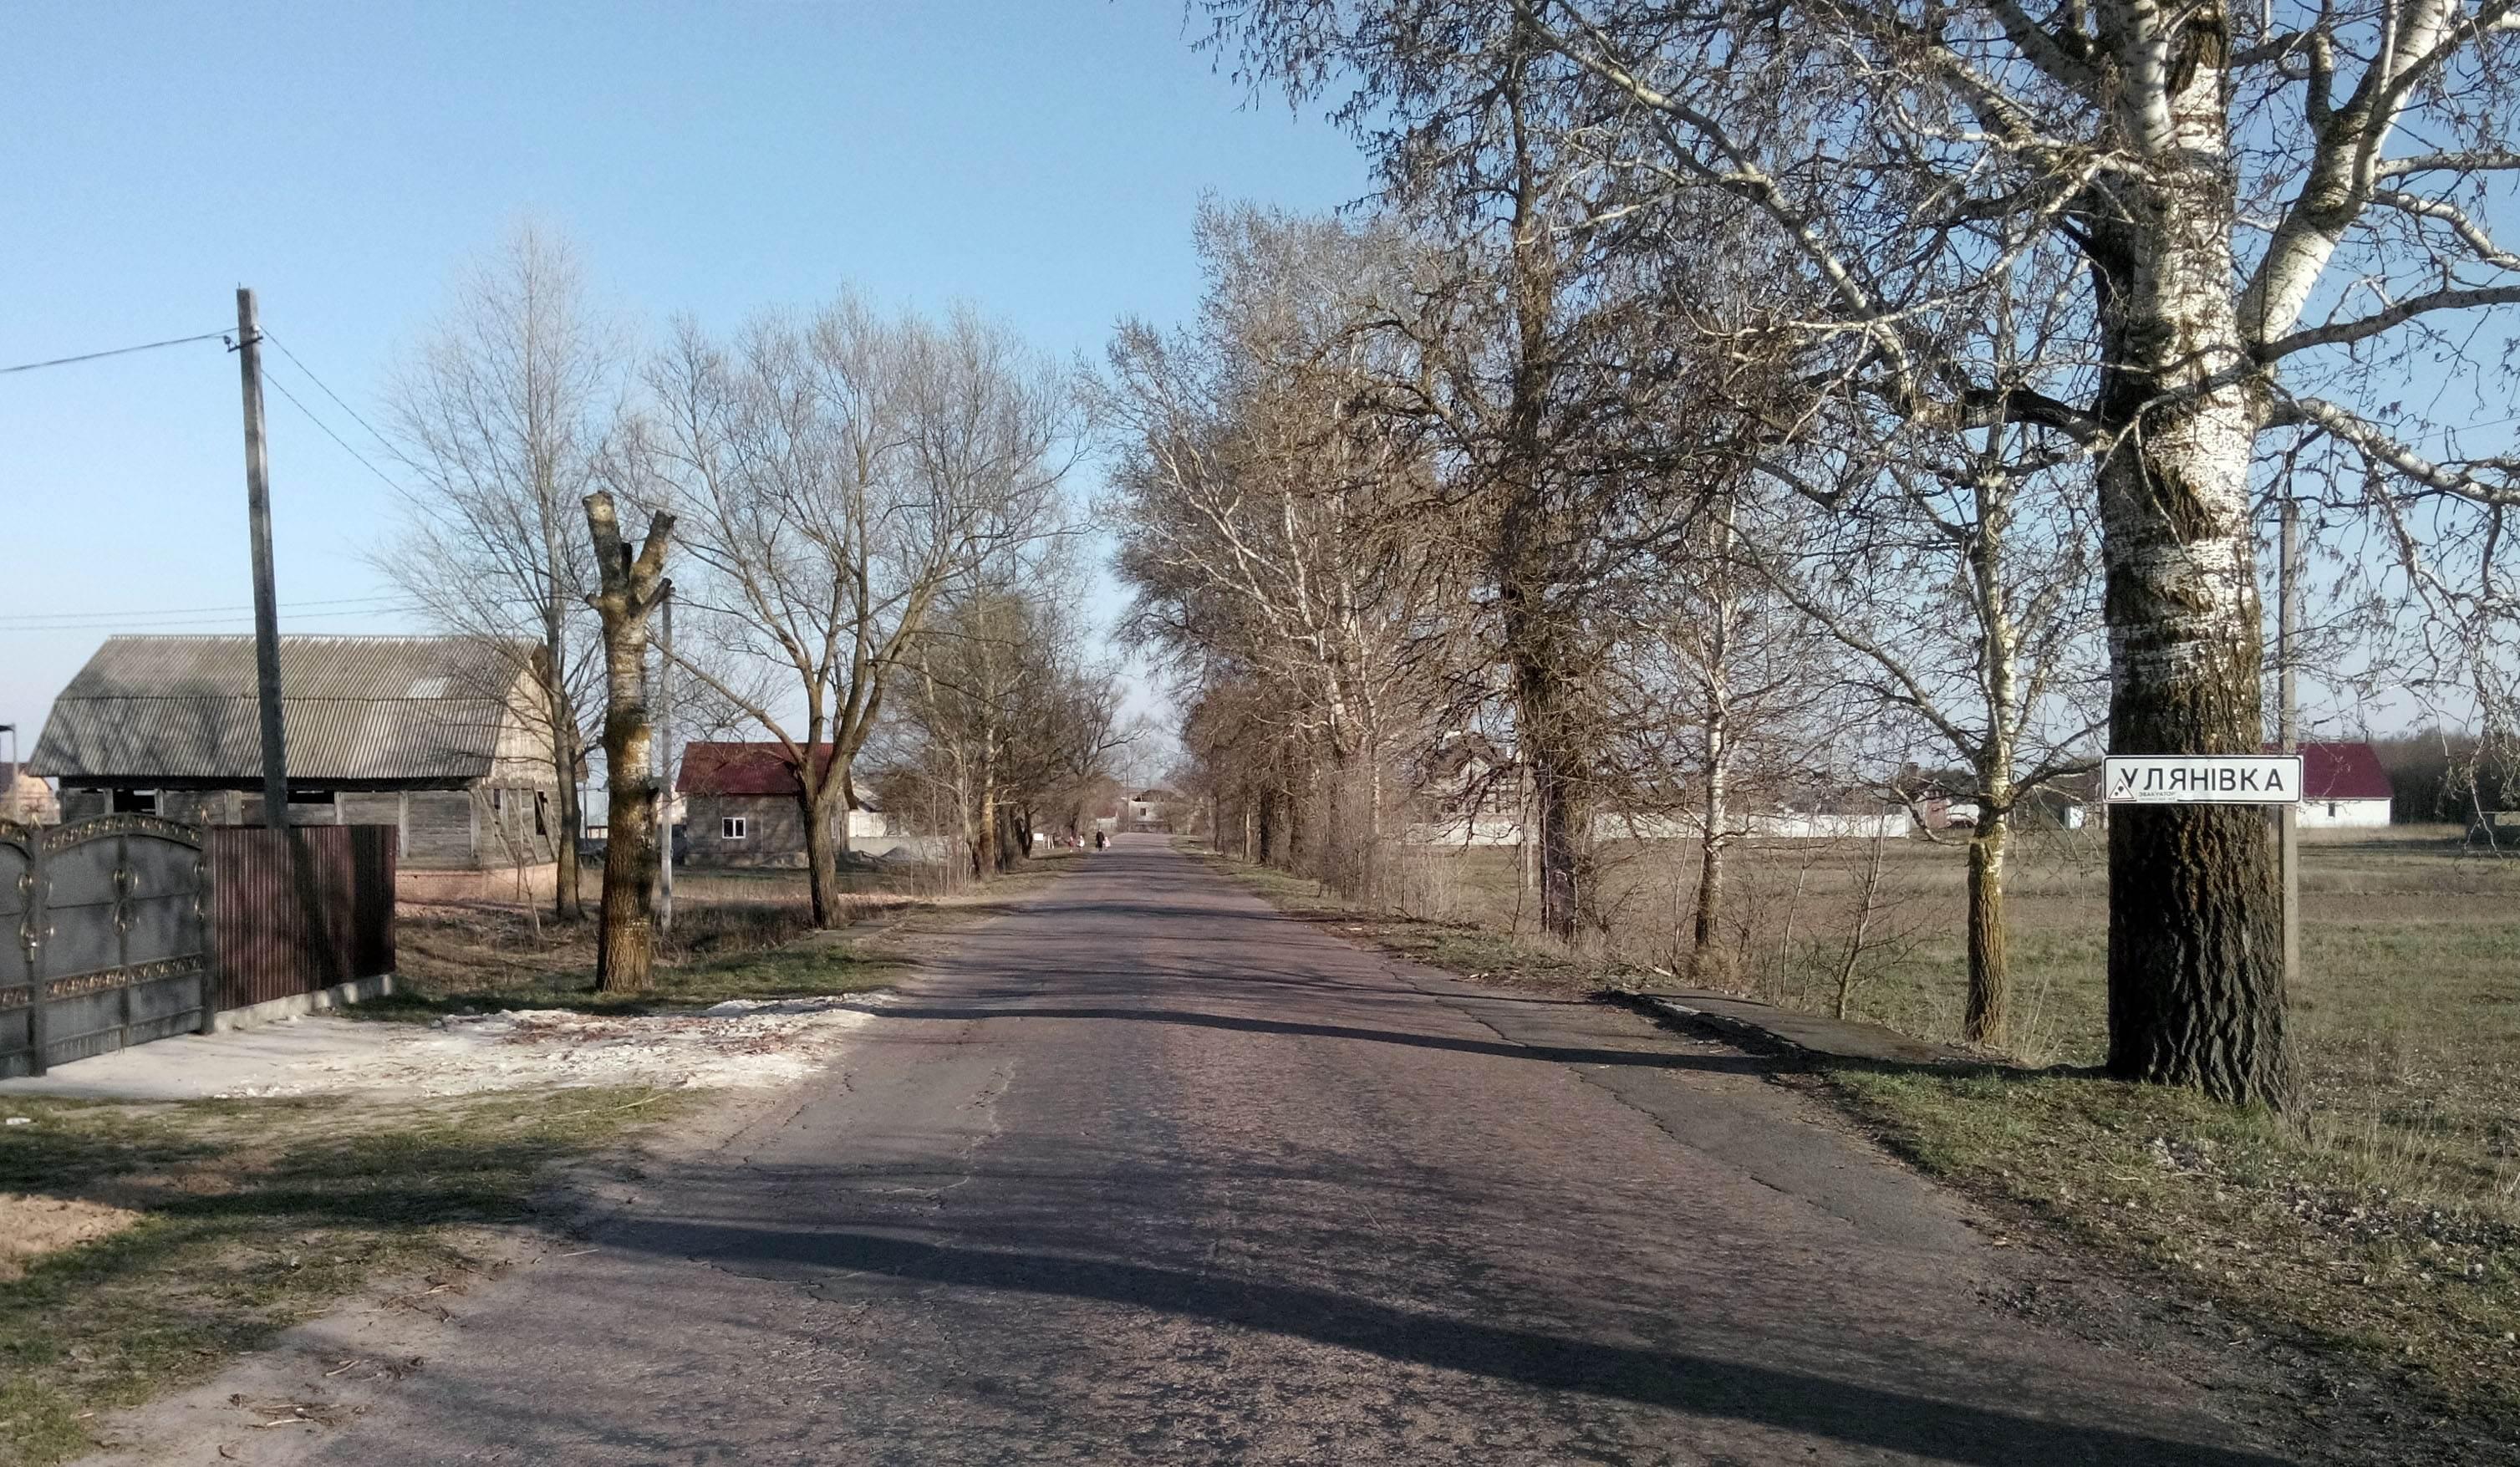 Село Ульяновка в Черниговской области